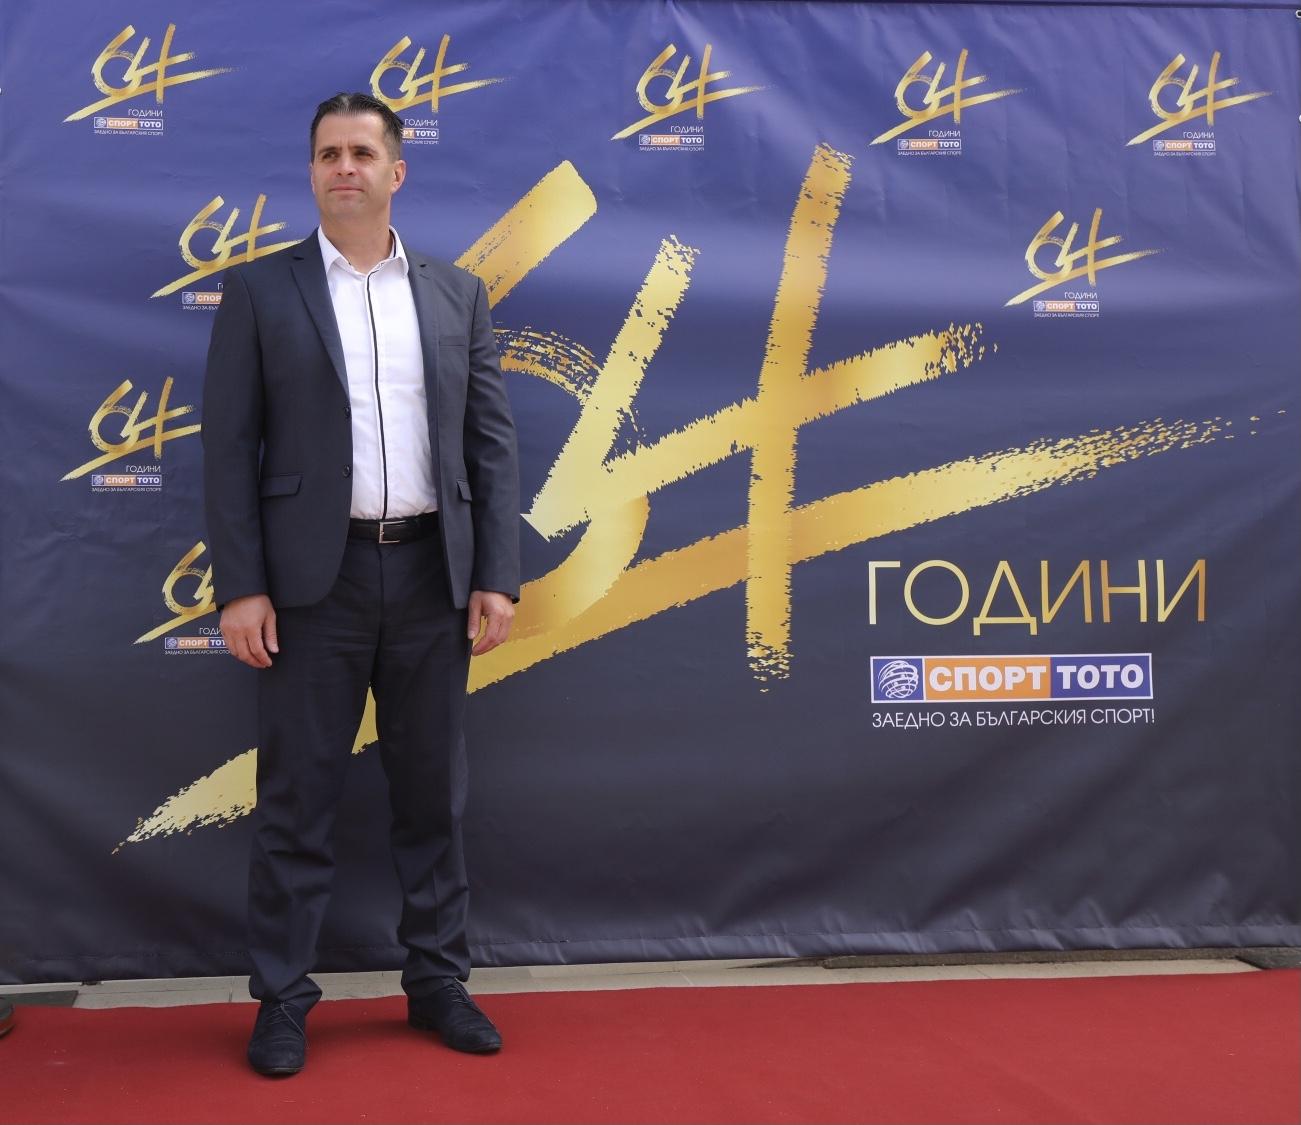 <p>Българският спортен тотализатор навършва 64 години и отпразнува своя пореден рожден ден, опирайки се на дългогодишния си опит и гледайки смело напред към бъдещите предизвикателства.</p>